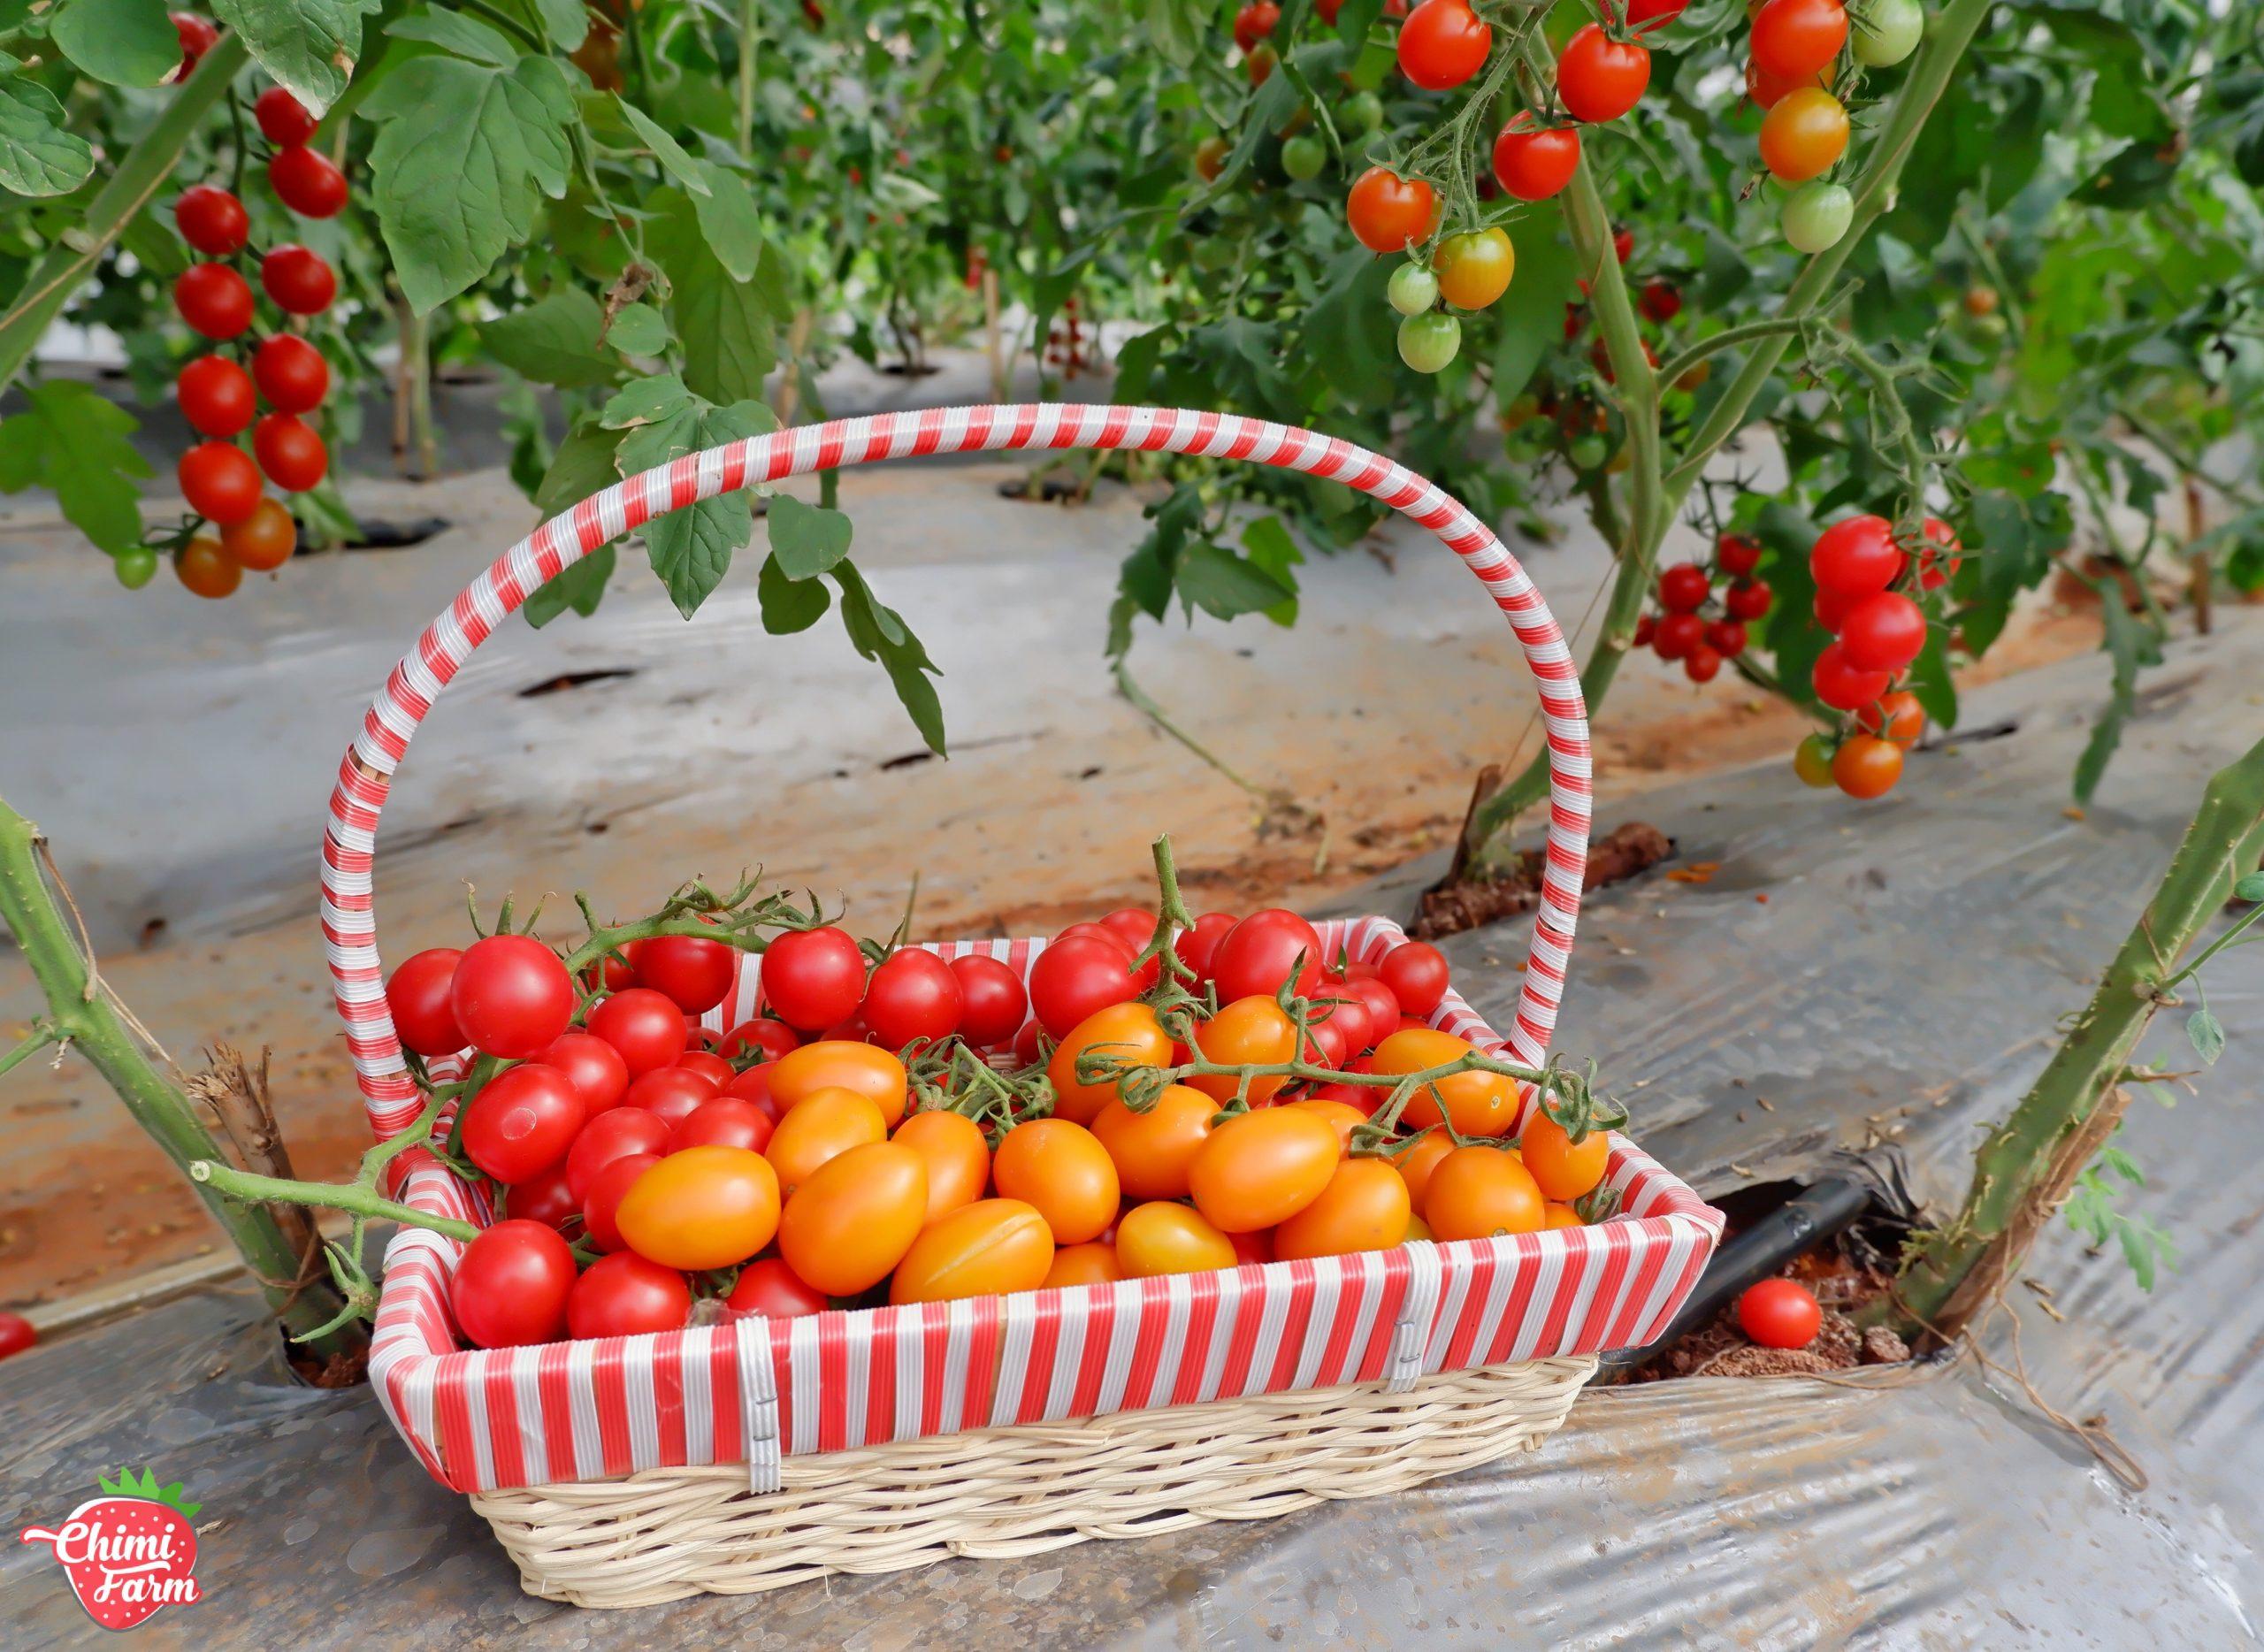 Bạn có thể trải nghiệm hái cà chua cherry tại vườn